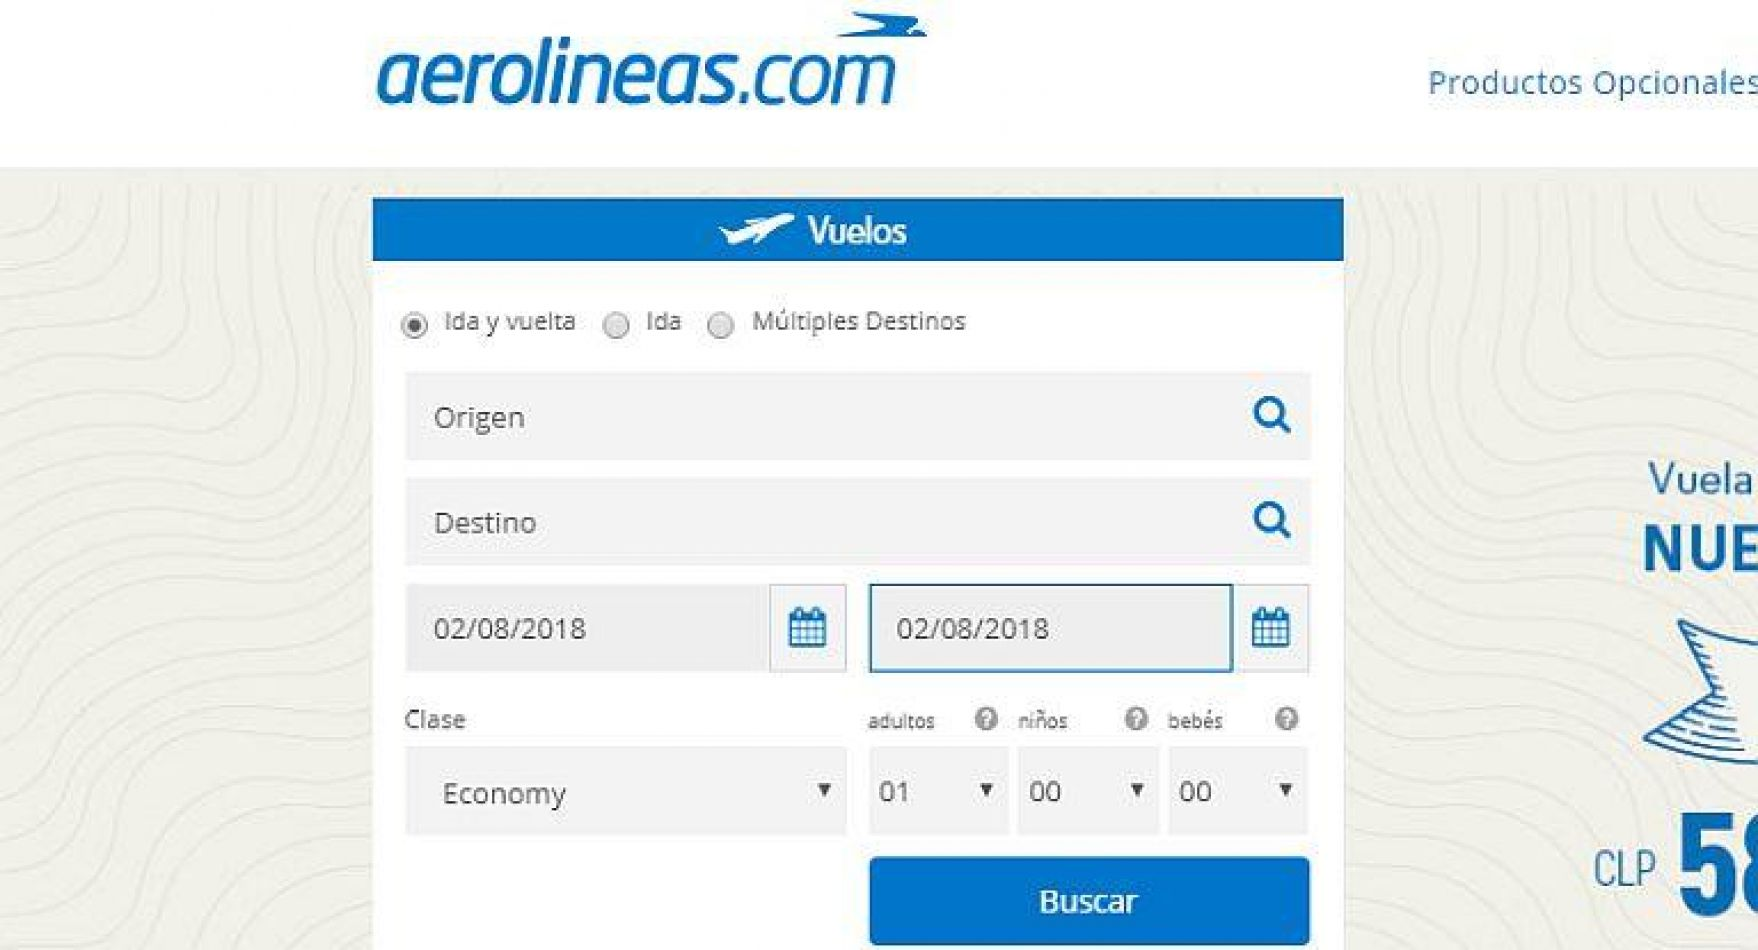 Venta récord de Aerolíneas Argentinas por descuentos